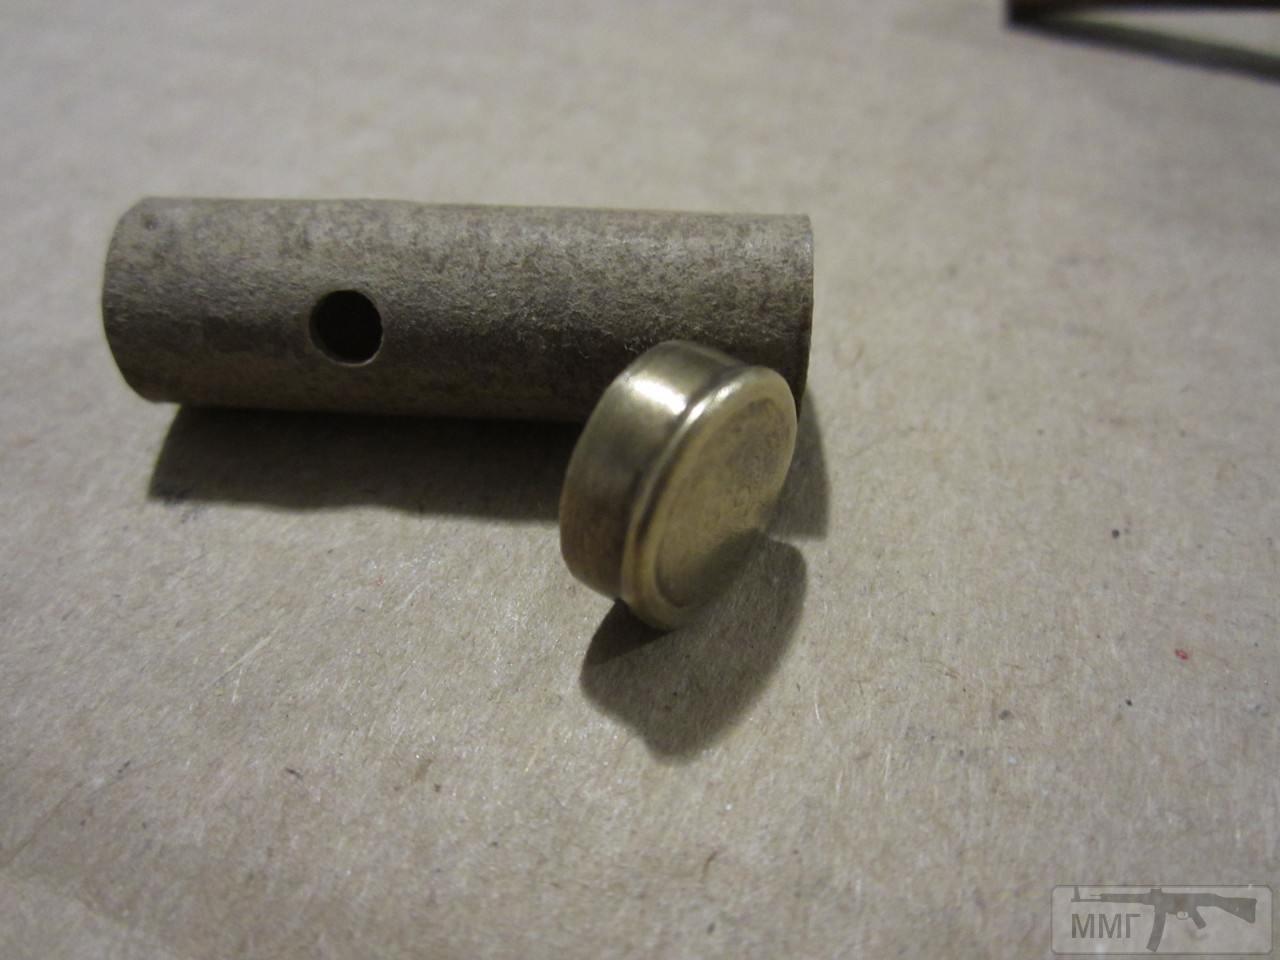 89163 - Створення ММГ патронів та ВОПів.